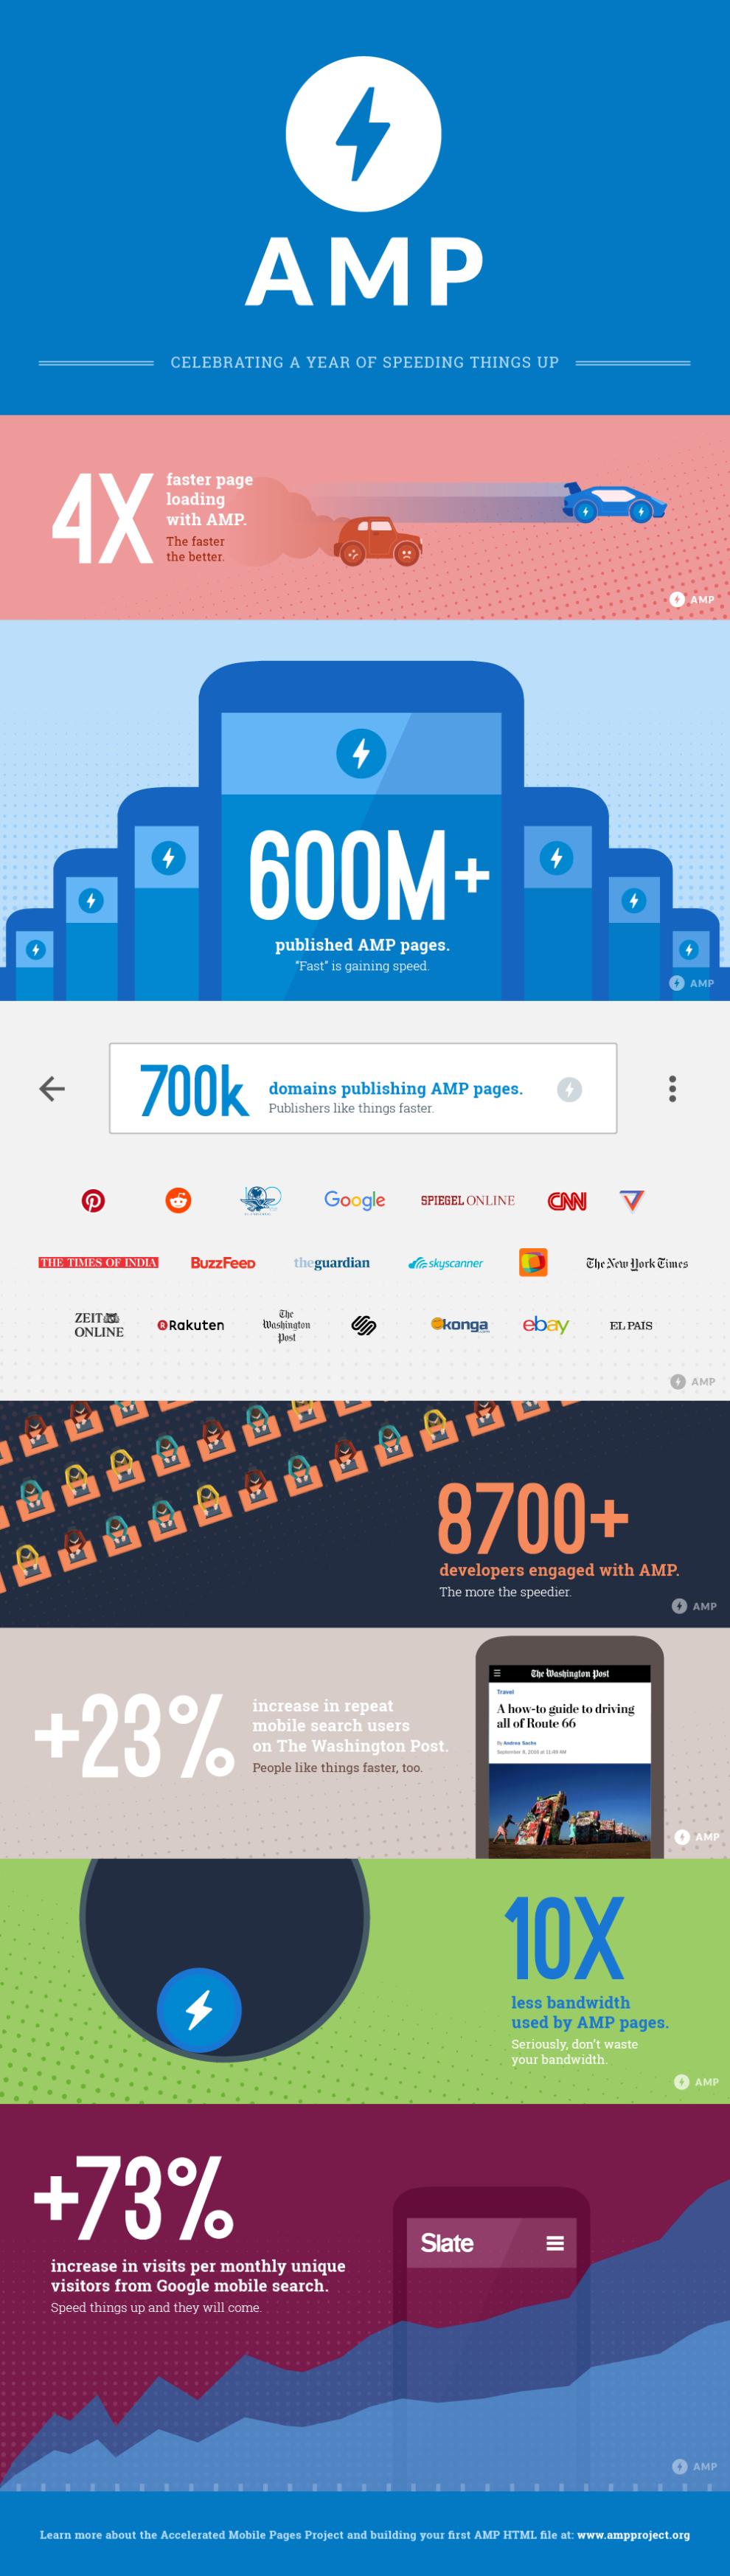 Google AMP infographic